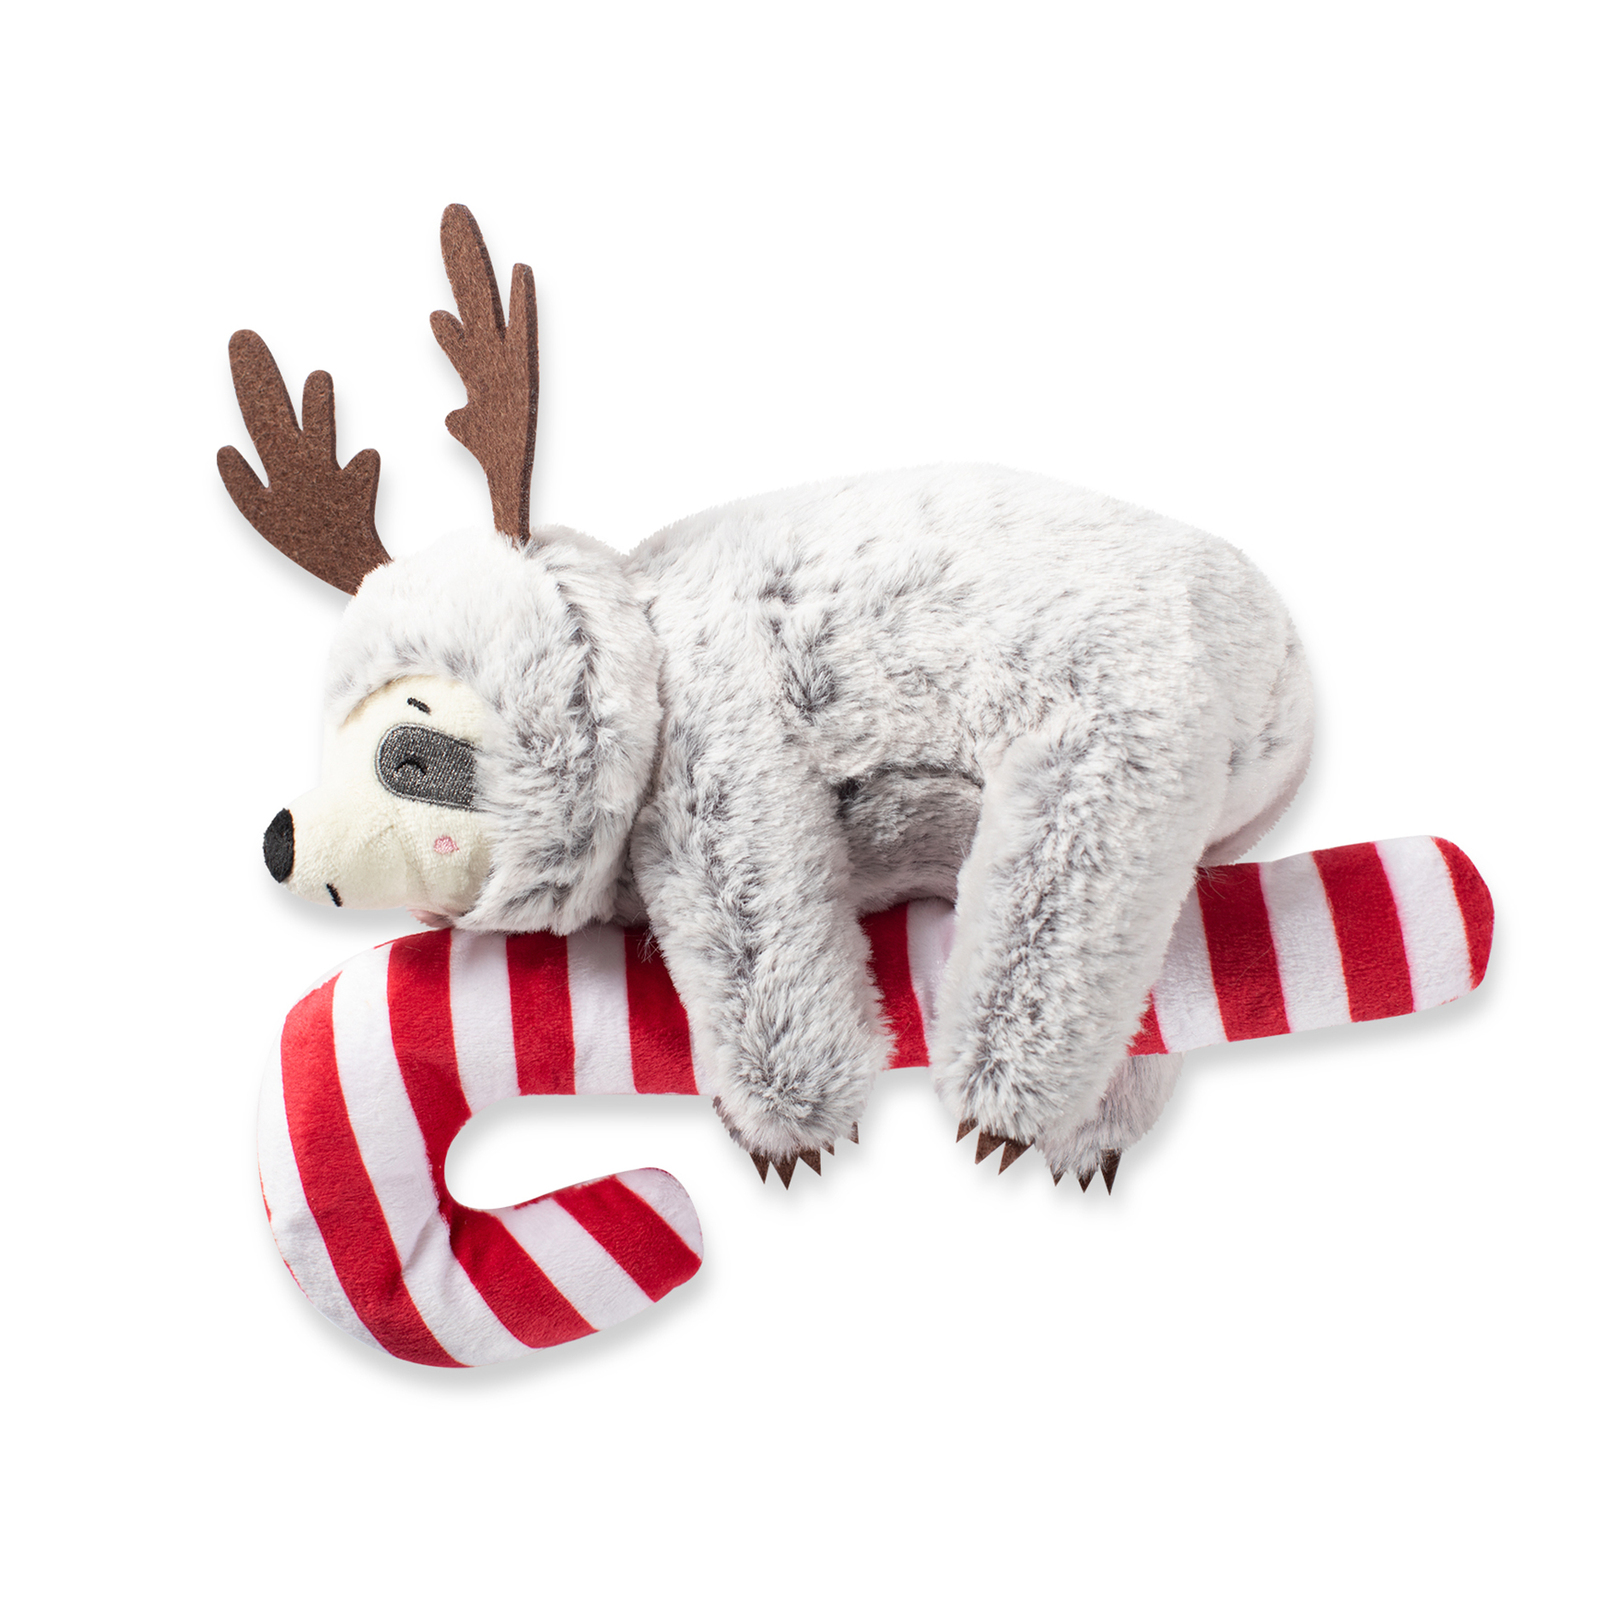 Fringe Studio Sloth Hanging On a Candy Cane Dog Toy